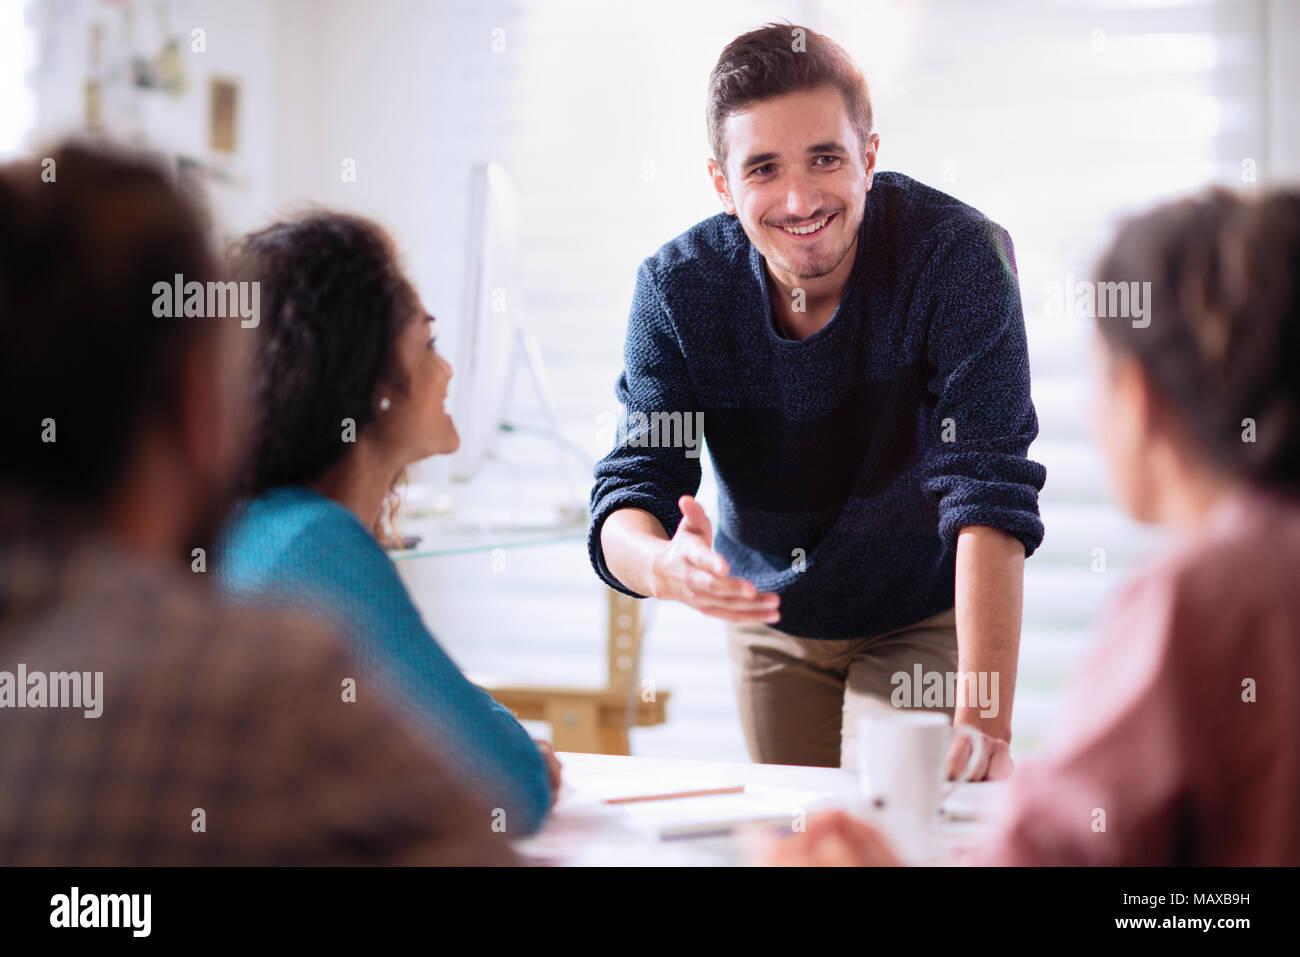 In una riunione. Un giovane uomo presentando il suo progetto Immagini Stock